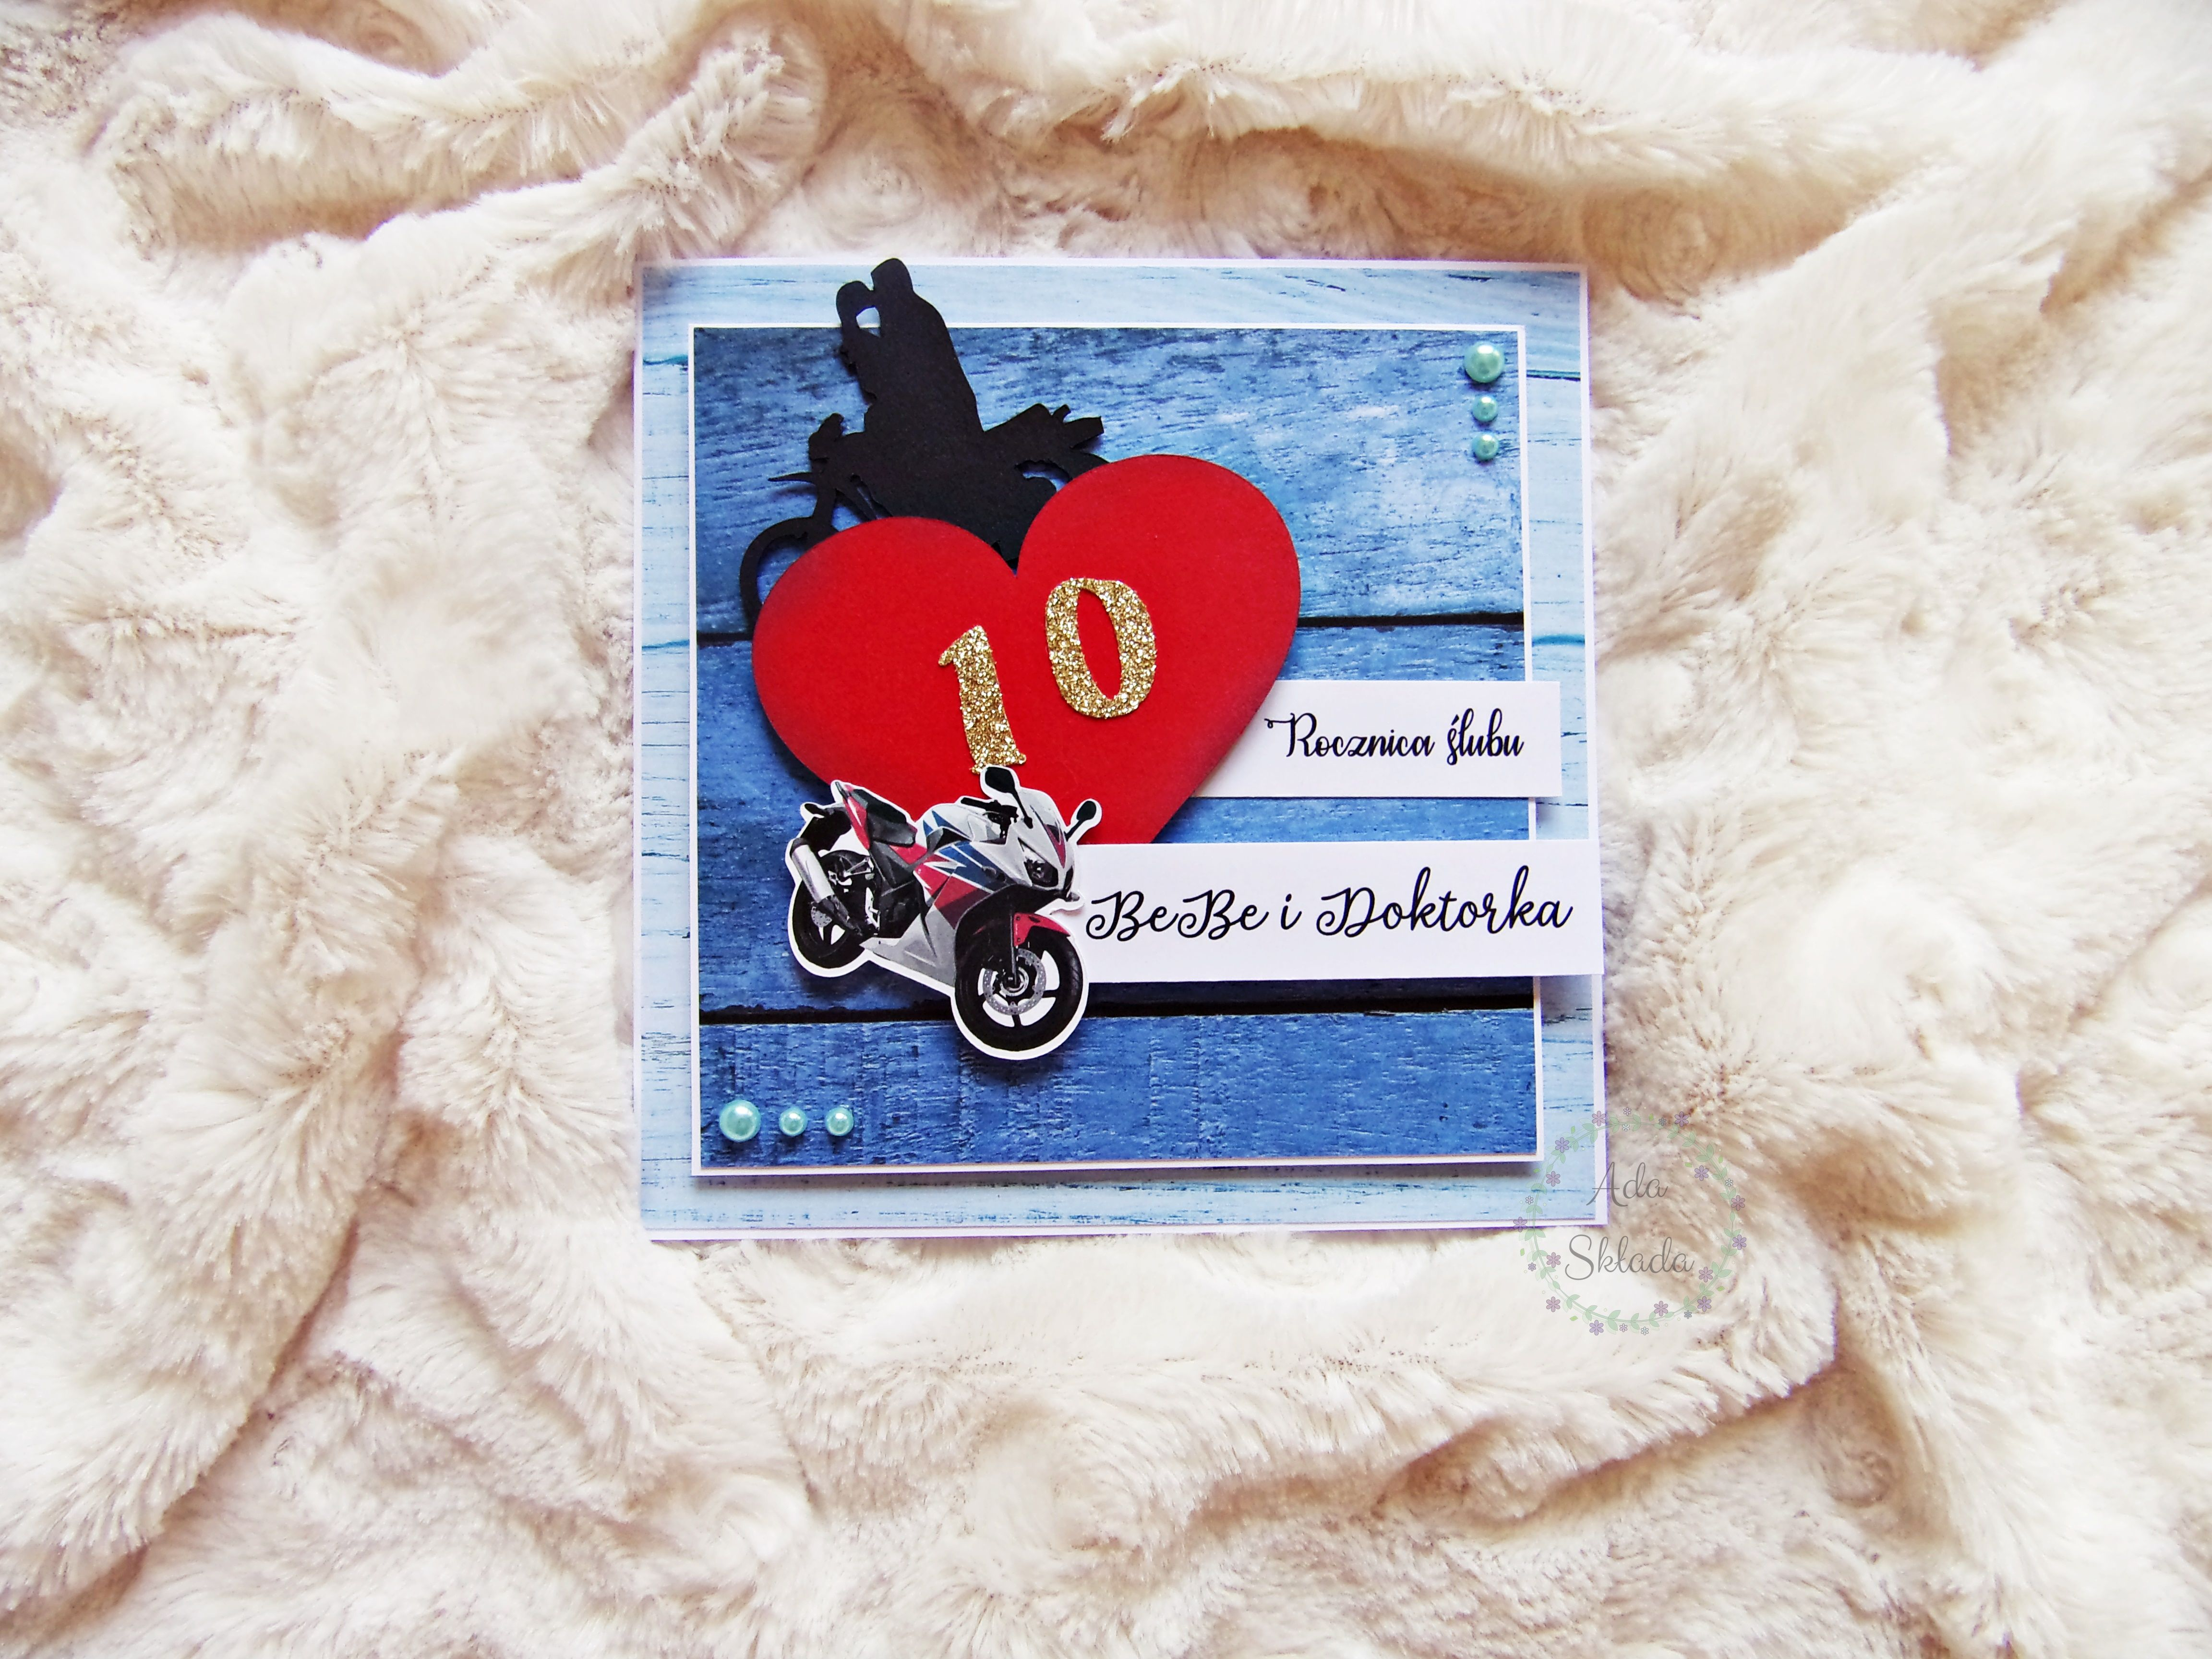 Kartka Na 10 Rocznice Slubu 10th Wedding Anniversary Card With